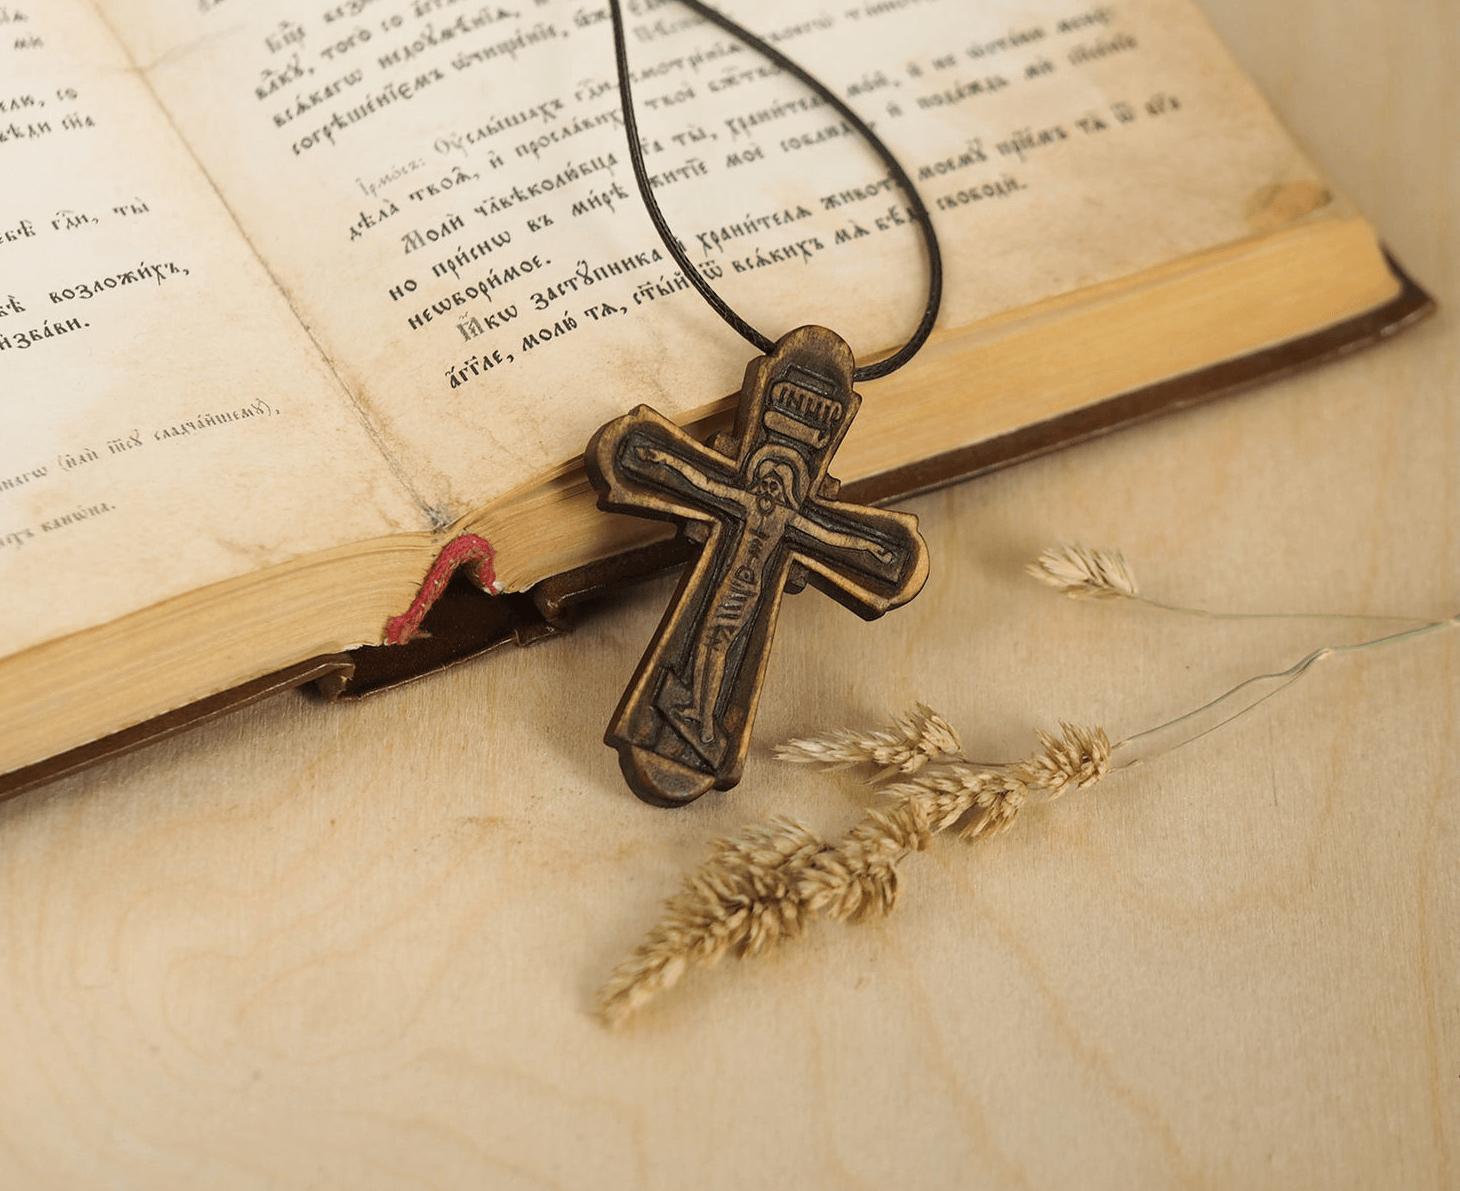 Если сломался крестик: что за примета?